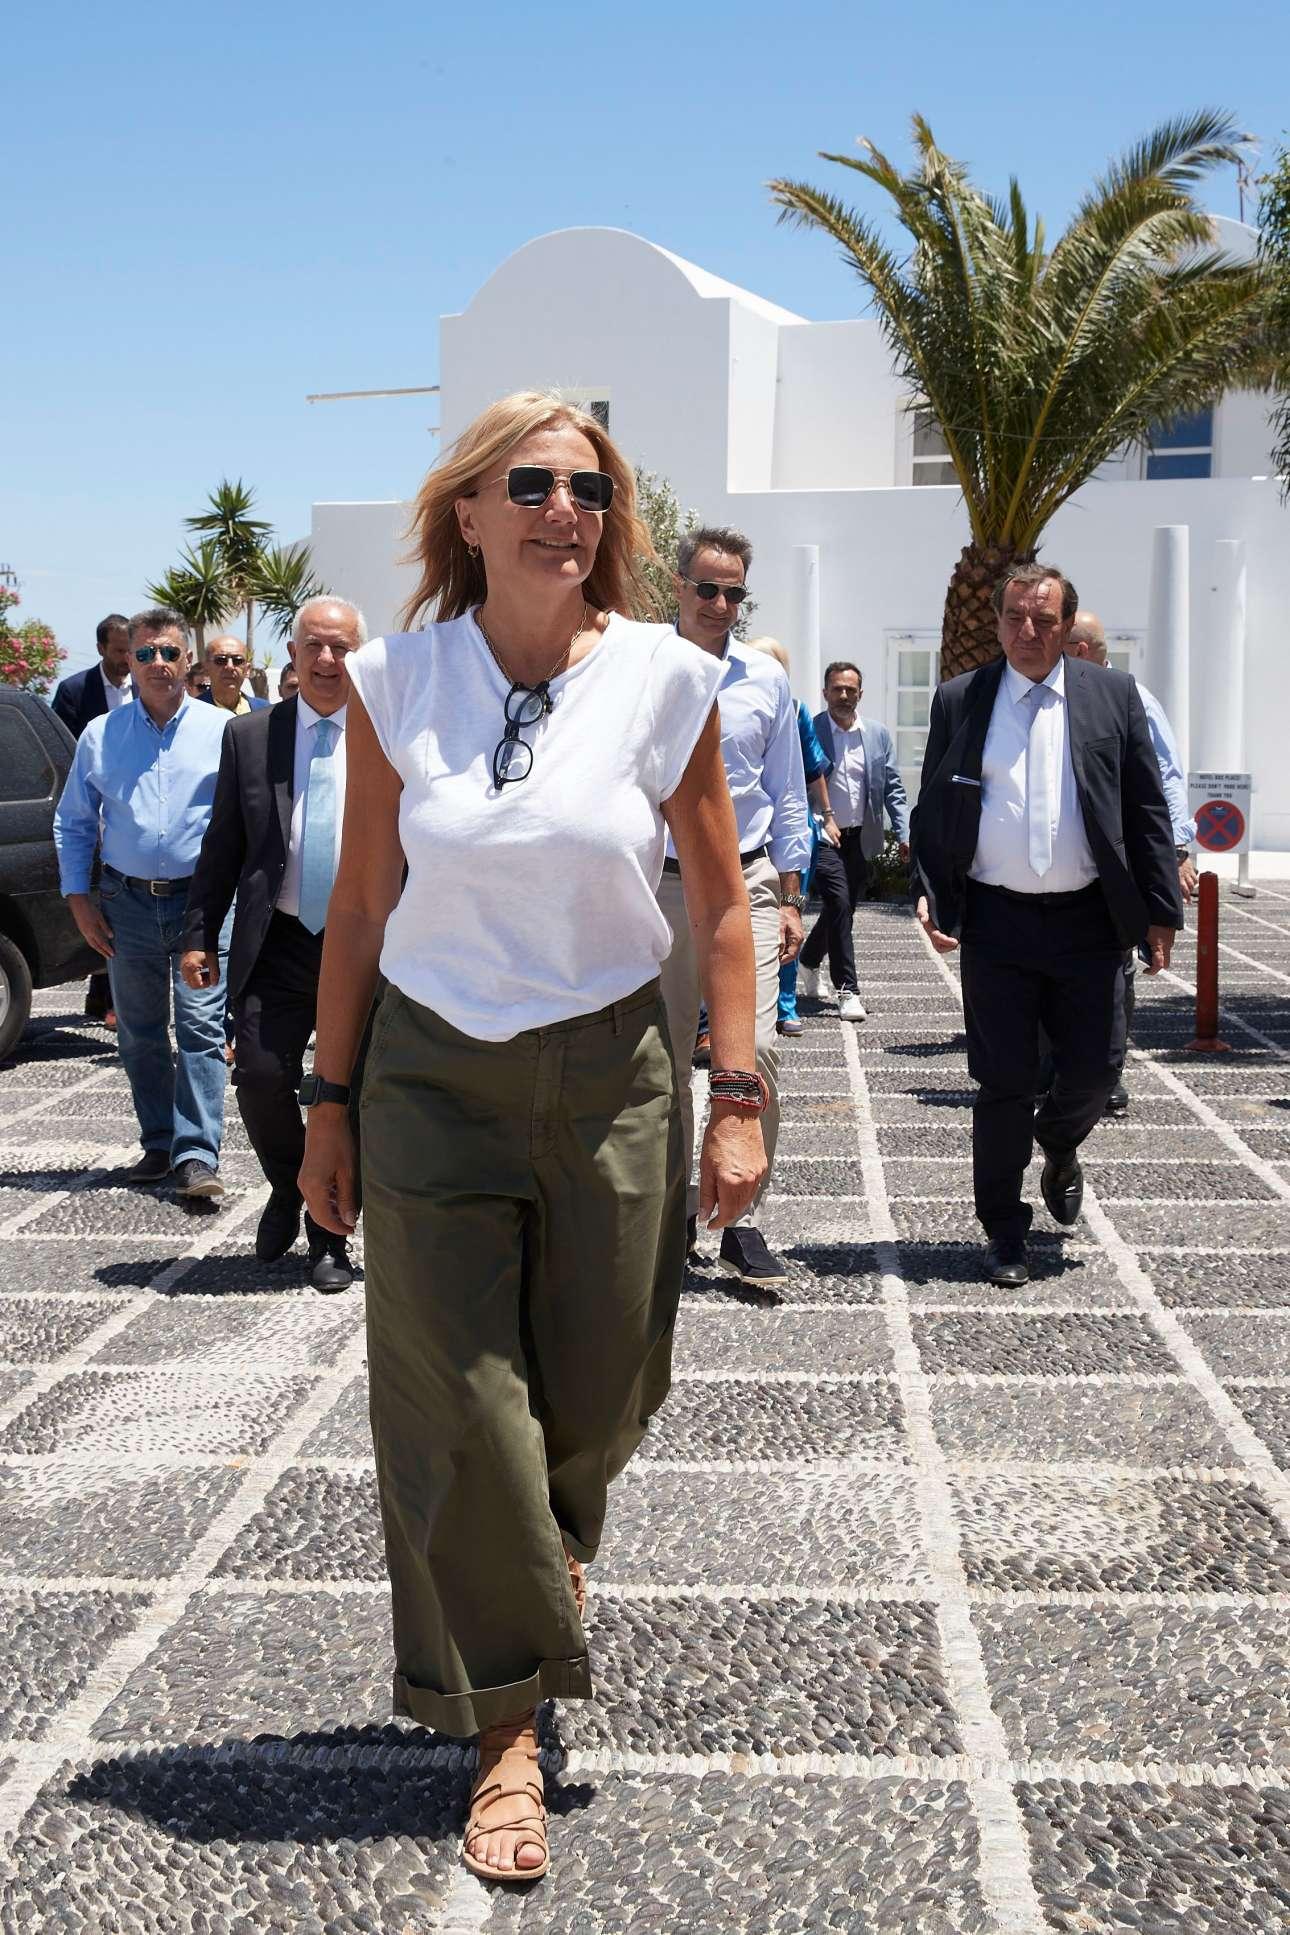 Η σύζυγος του Κυριάκου Μητσοτάκη προπορεύεται - πίσω της διακρίνεται ο Πρωθυπουργός